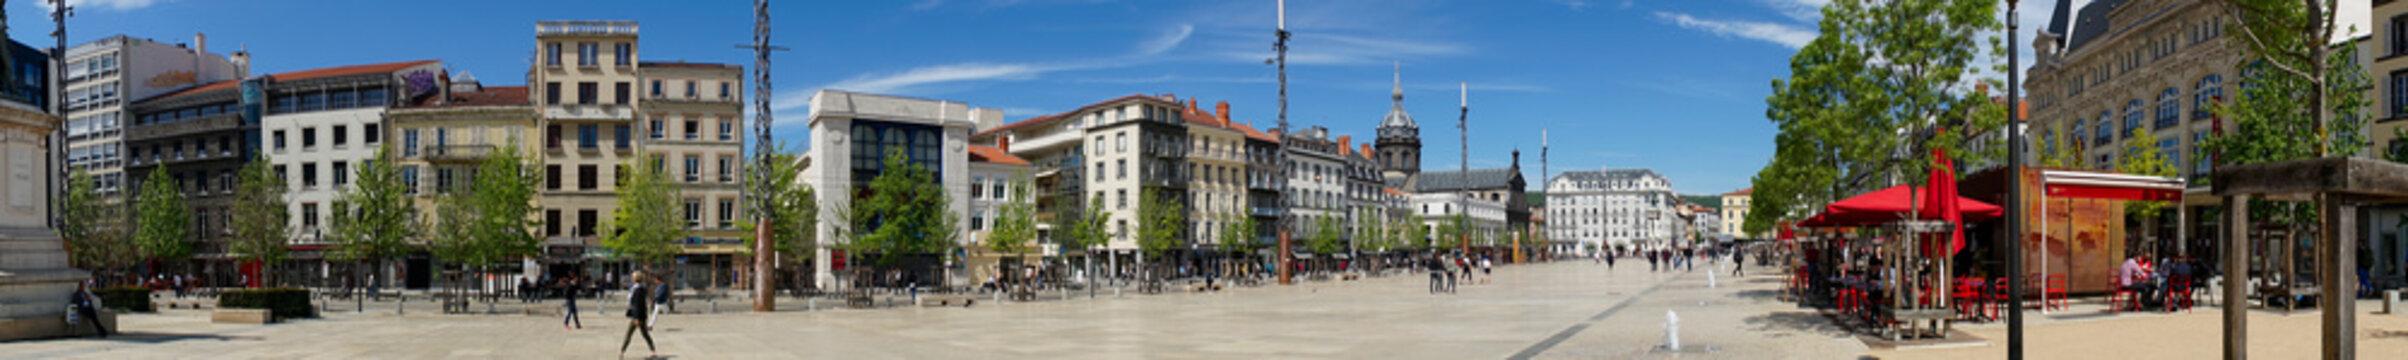 prise de vue panoramique, place de Jaude à Clermont-Ferrand